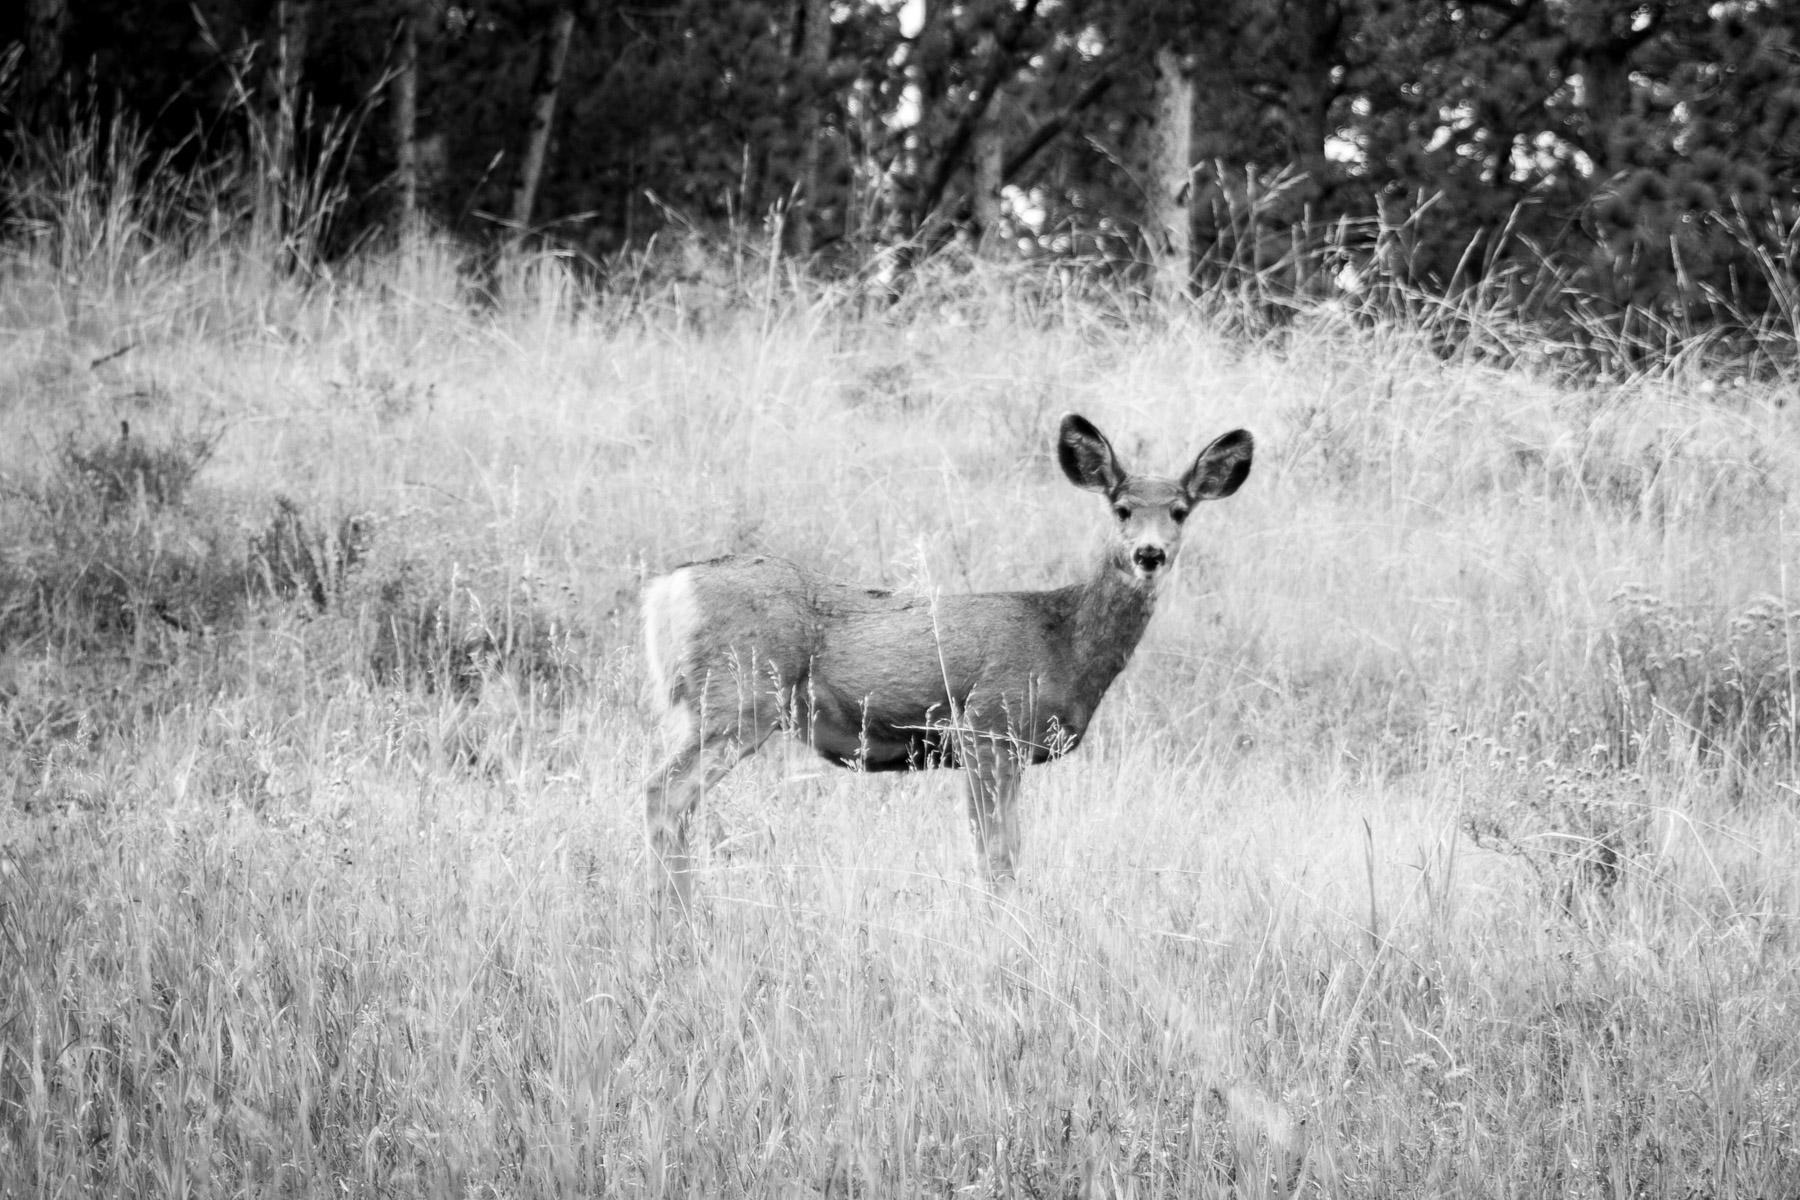 Wild deer in Missouri